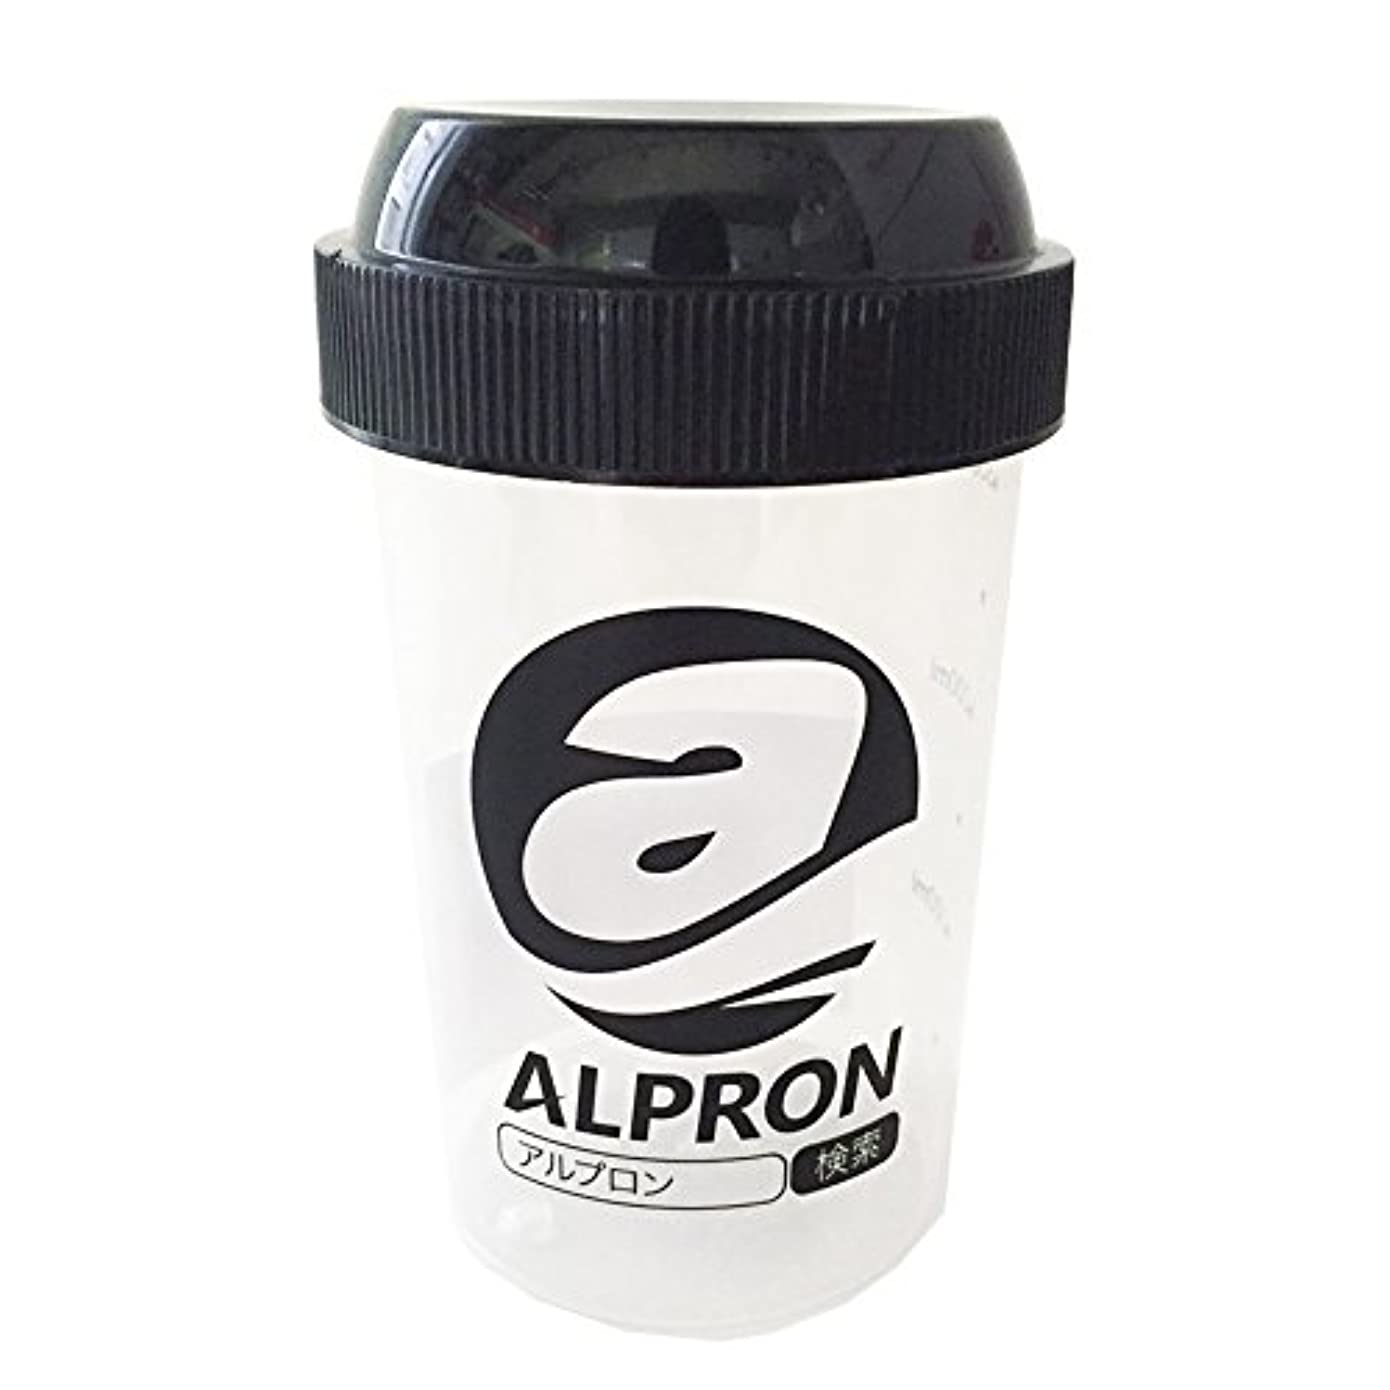 エイリアン航海のつづりアルプロン プロテインシェイカー 300ml 1個